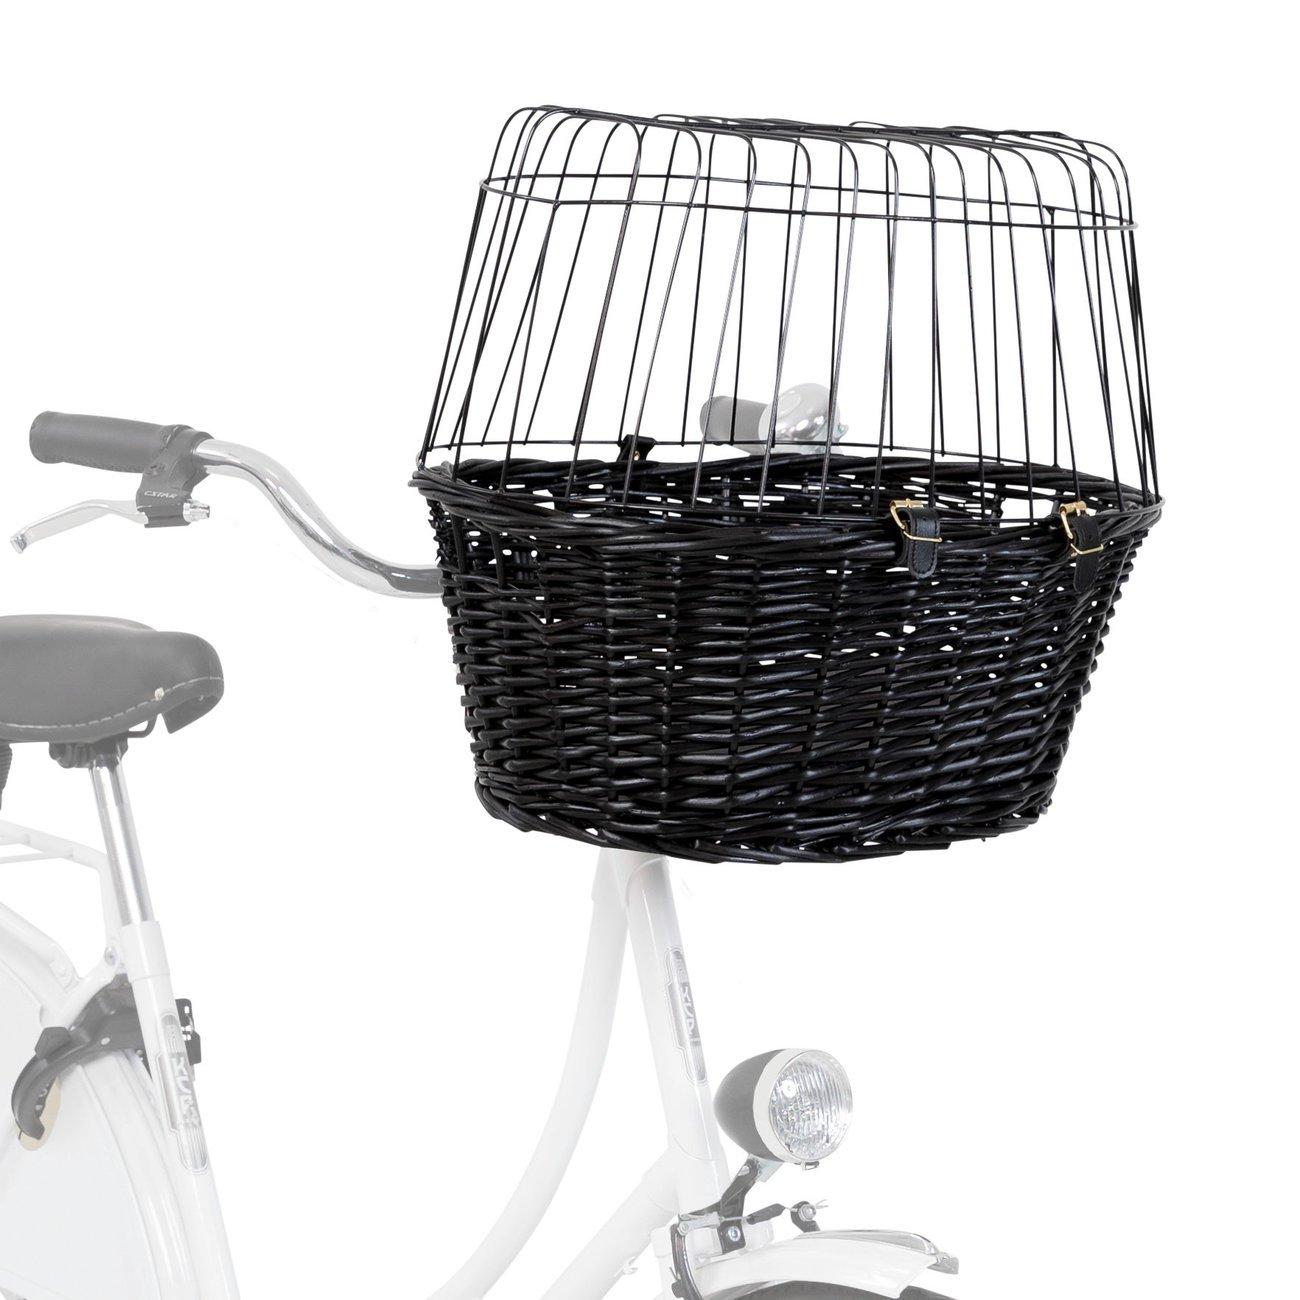 TRIXIE Fahrradkorb mit Gitter, schwarz 2818, Bild 3